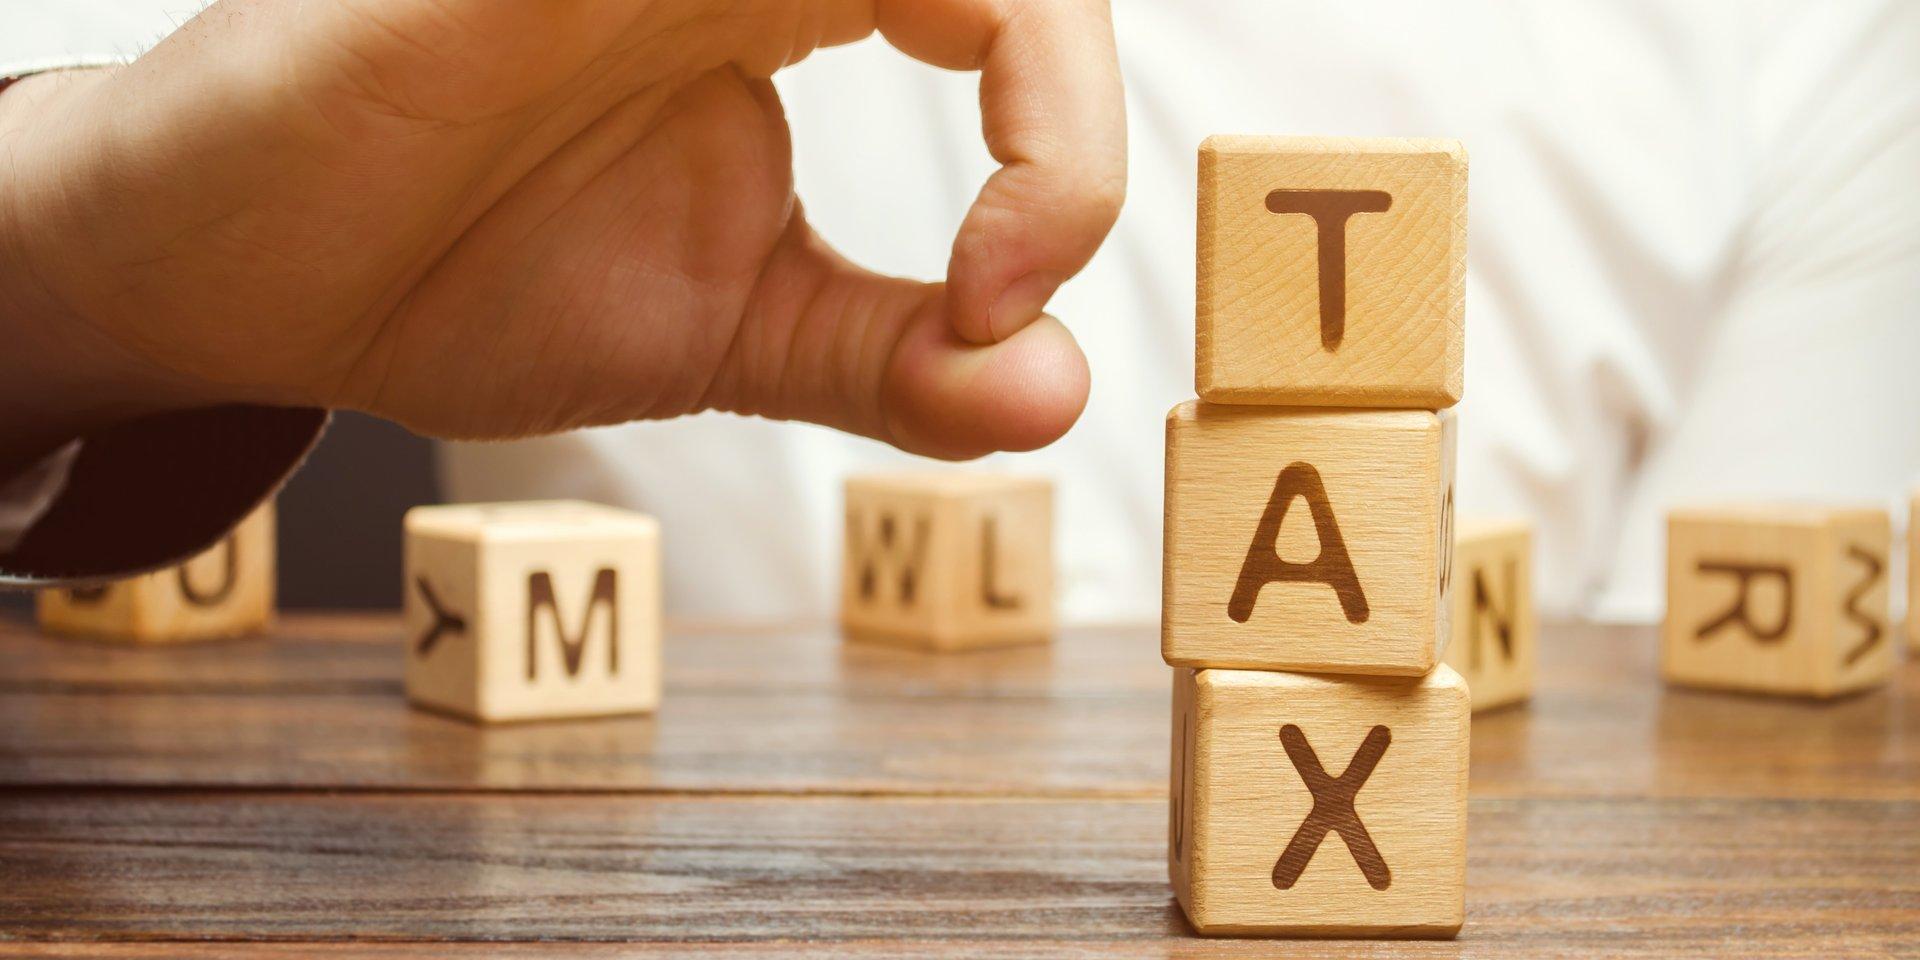 [Tarcza 4.0] Kary nałożone z powodu epidemii w kosztach podatkowych